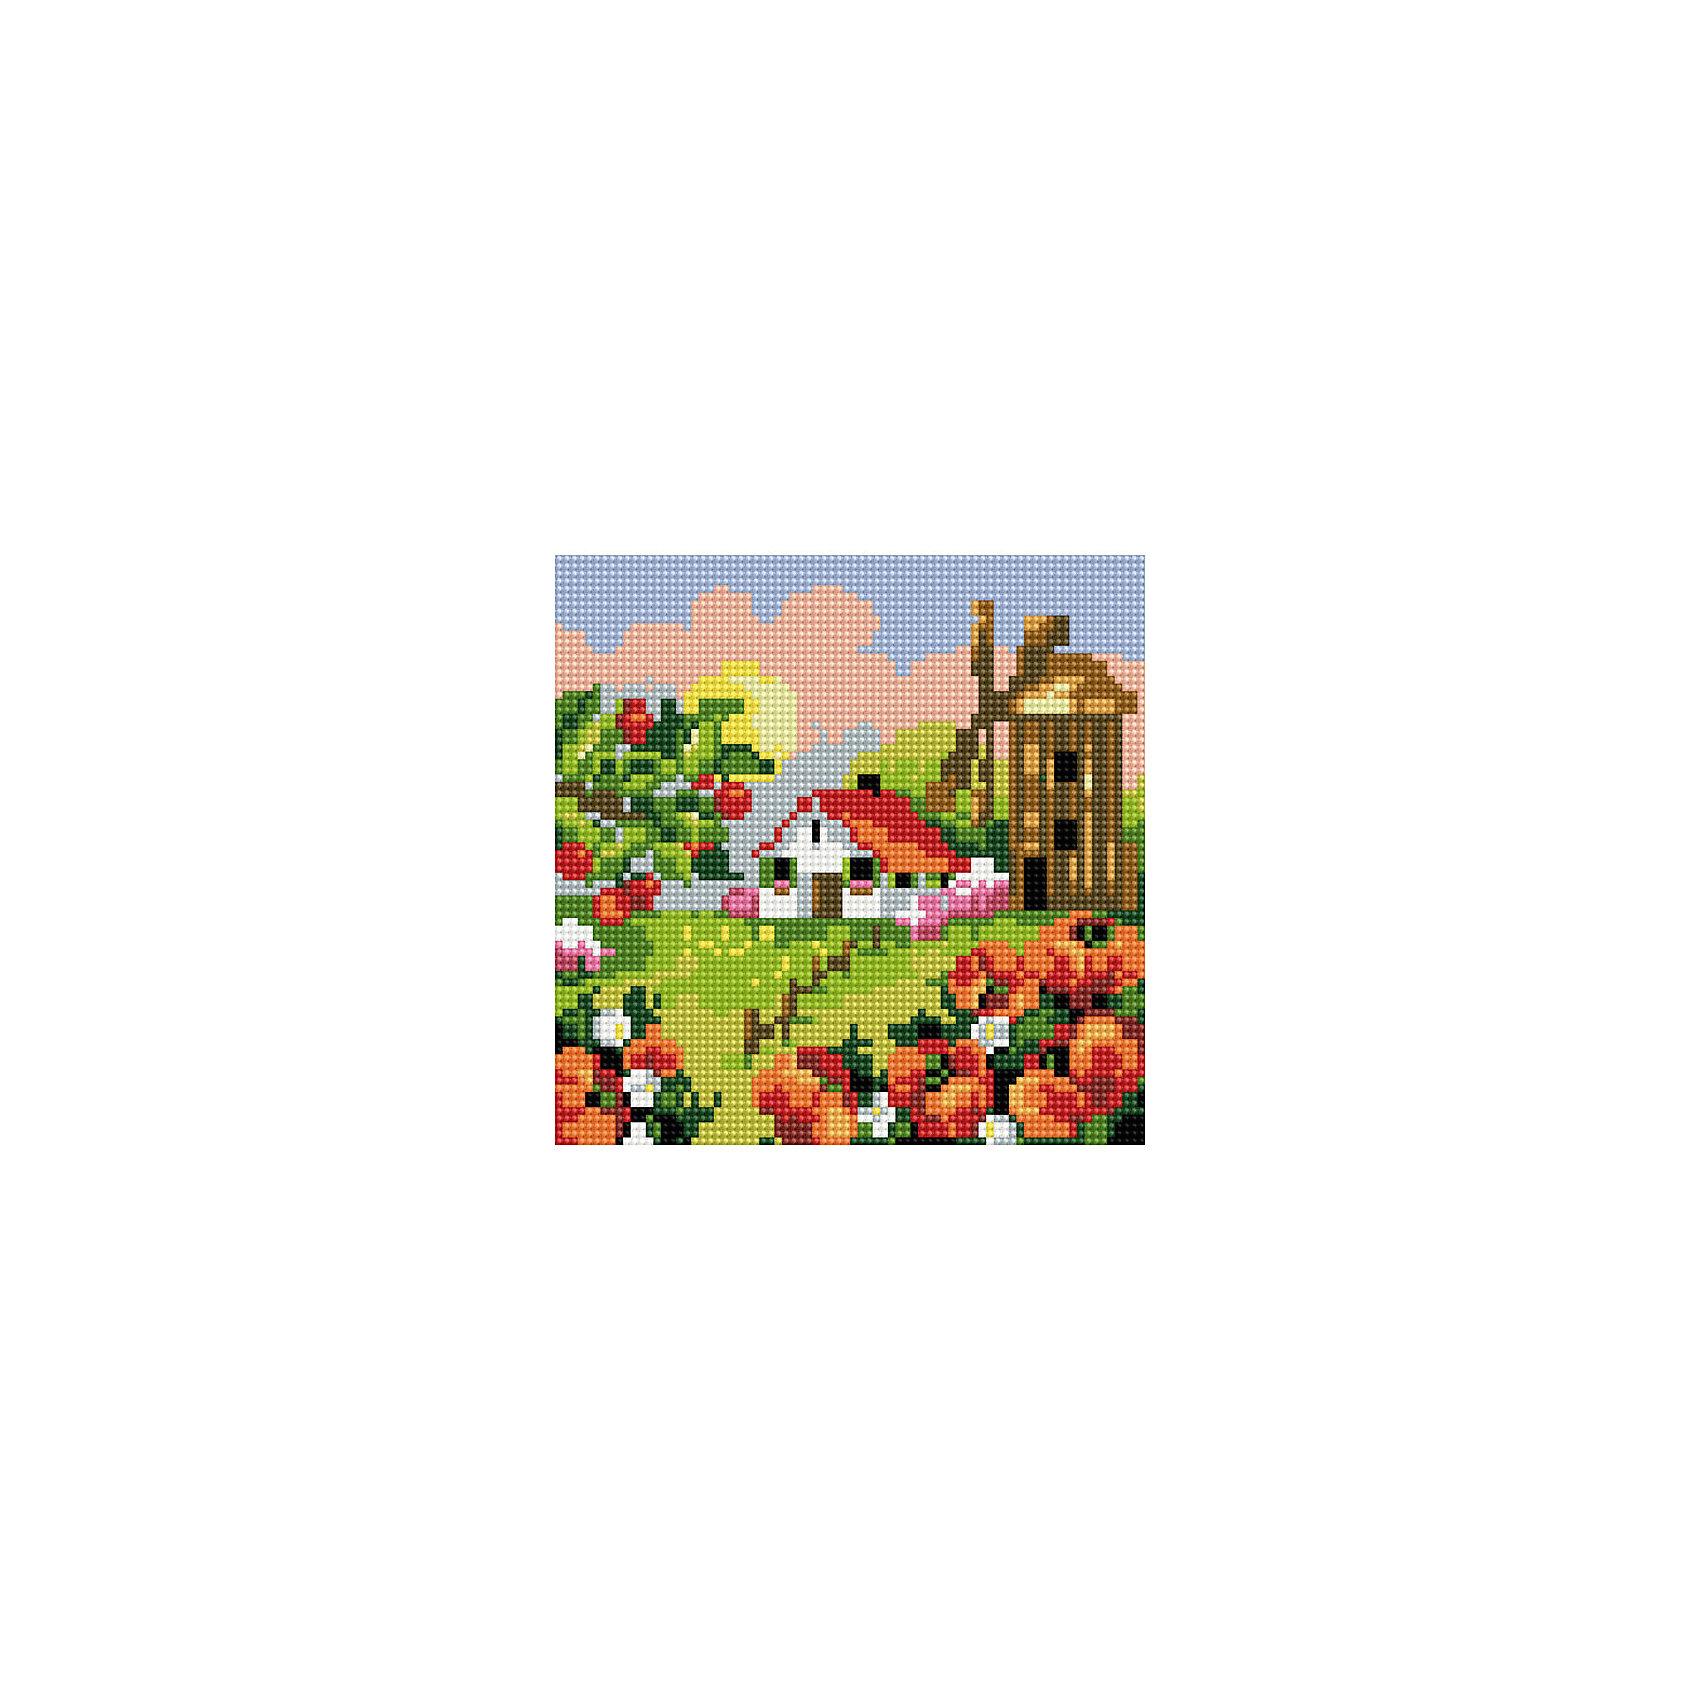 TUKZAR Алмазная мозаика по номерам Домик 20*20 см, на подрамнике наборы для рисования цветной картины по номерам волшебный домик